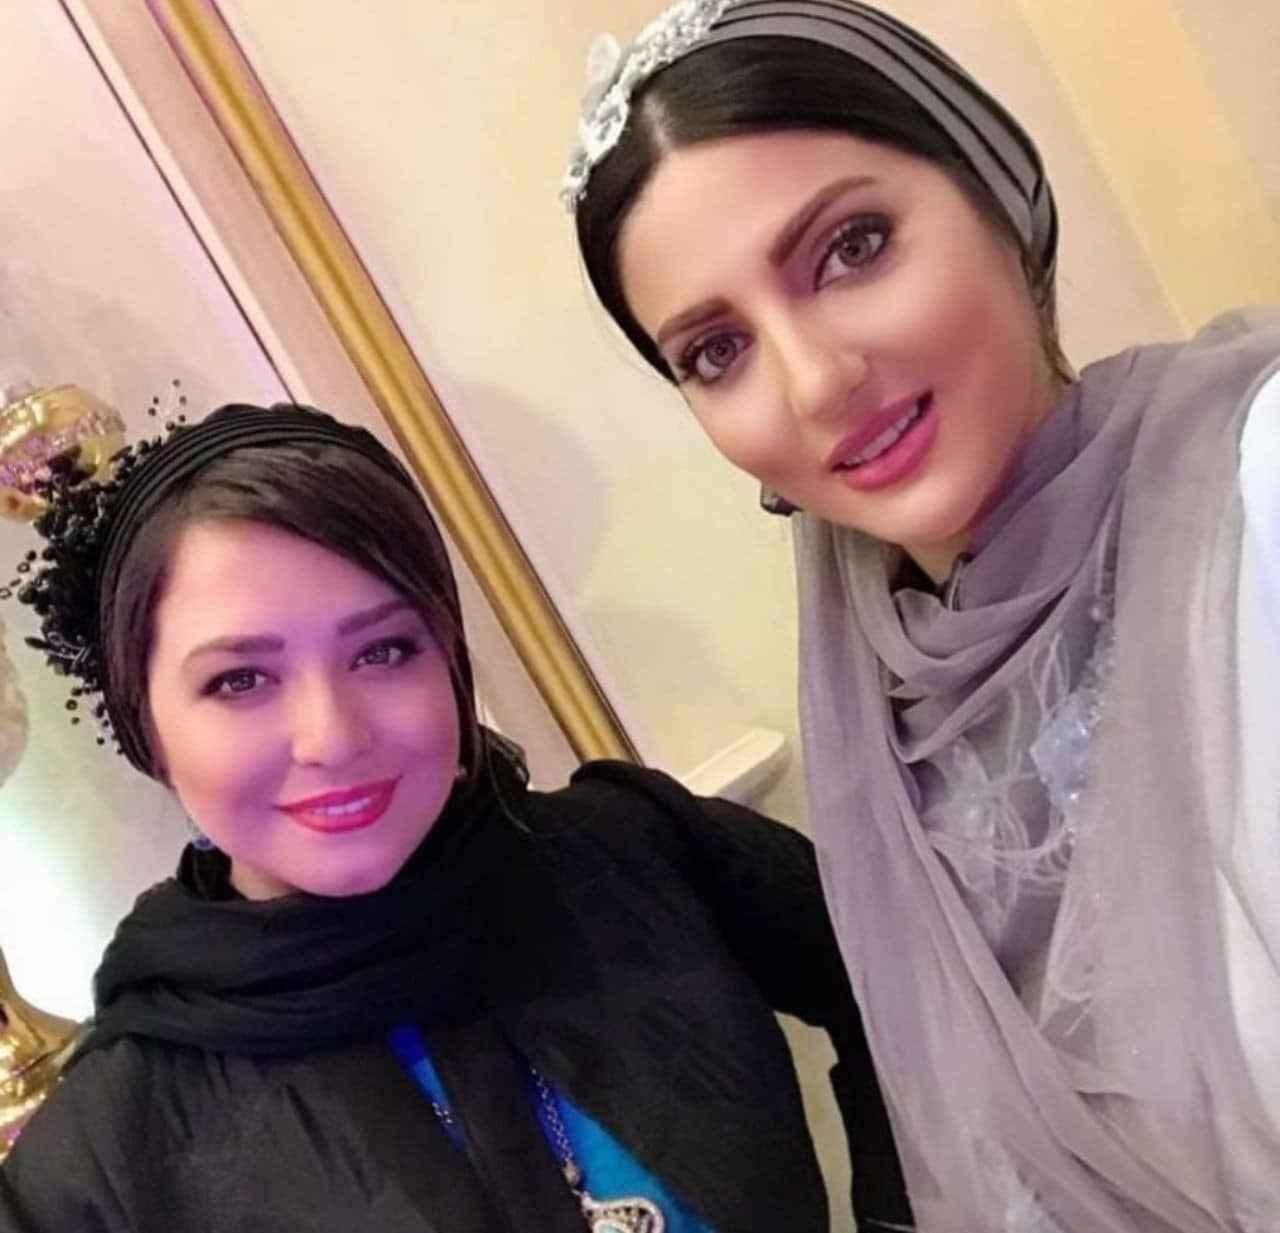 تیپ مجلسی مهرآوه شریفی نیا و هلیا امامی در عروسی + عکس